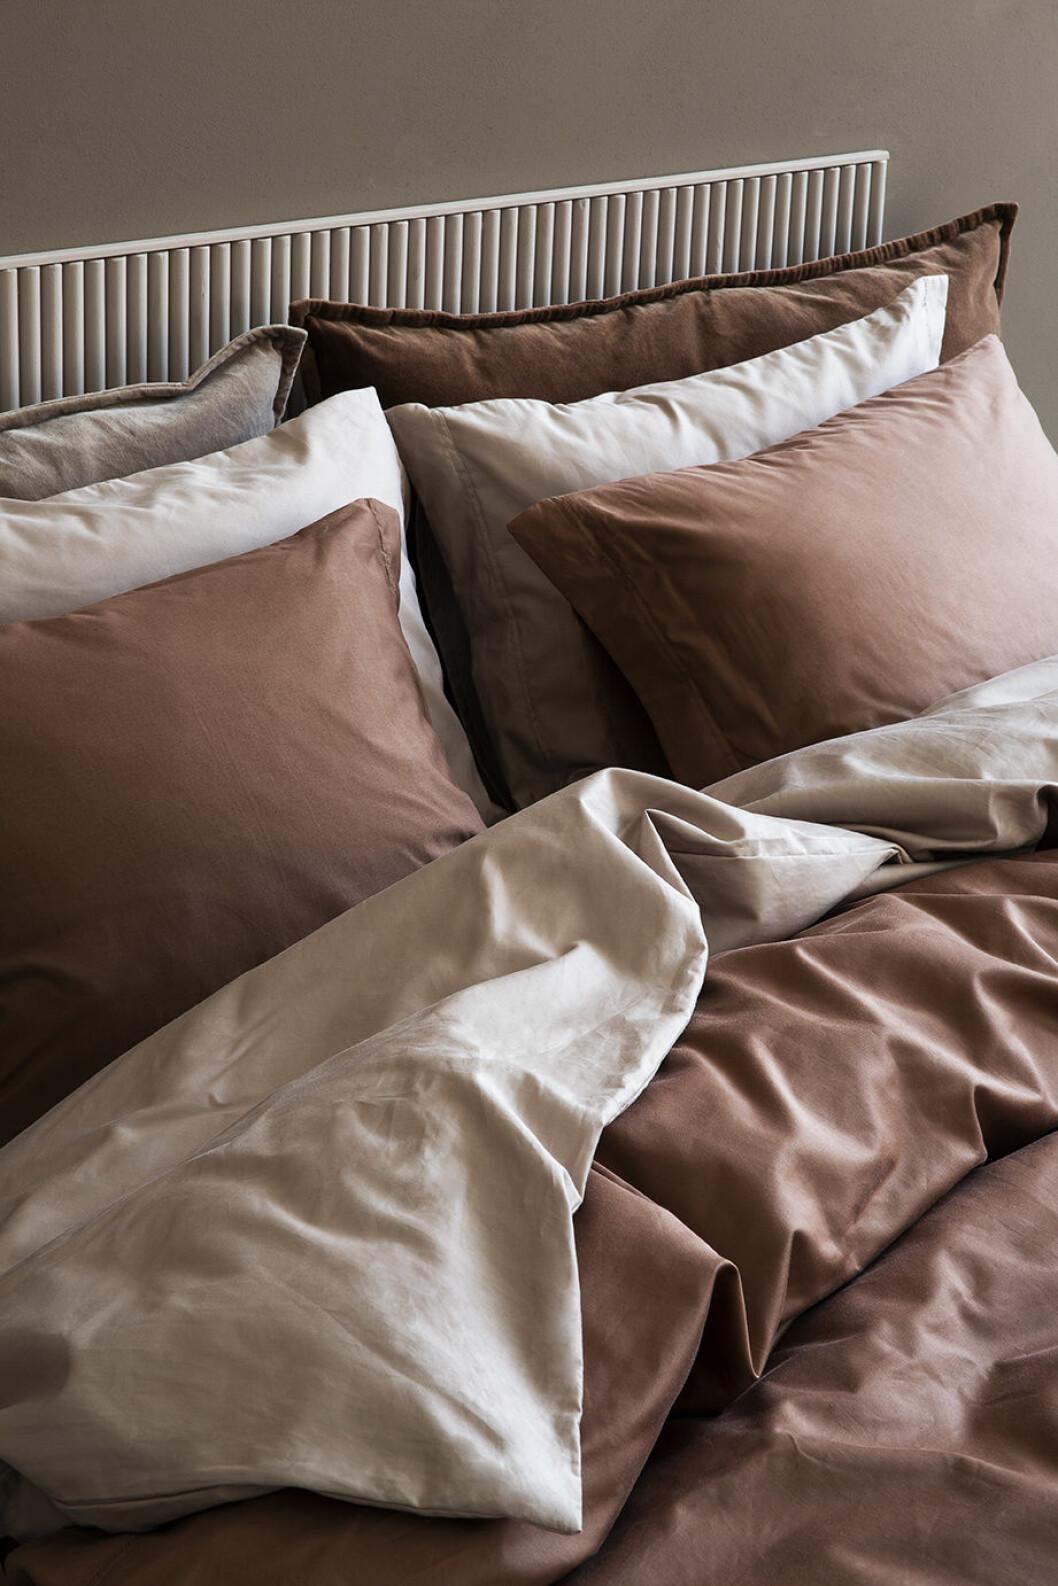 GRanit Muted tones är en kollektion med bland annat sängkläder ii premiumkvalitet